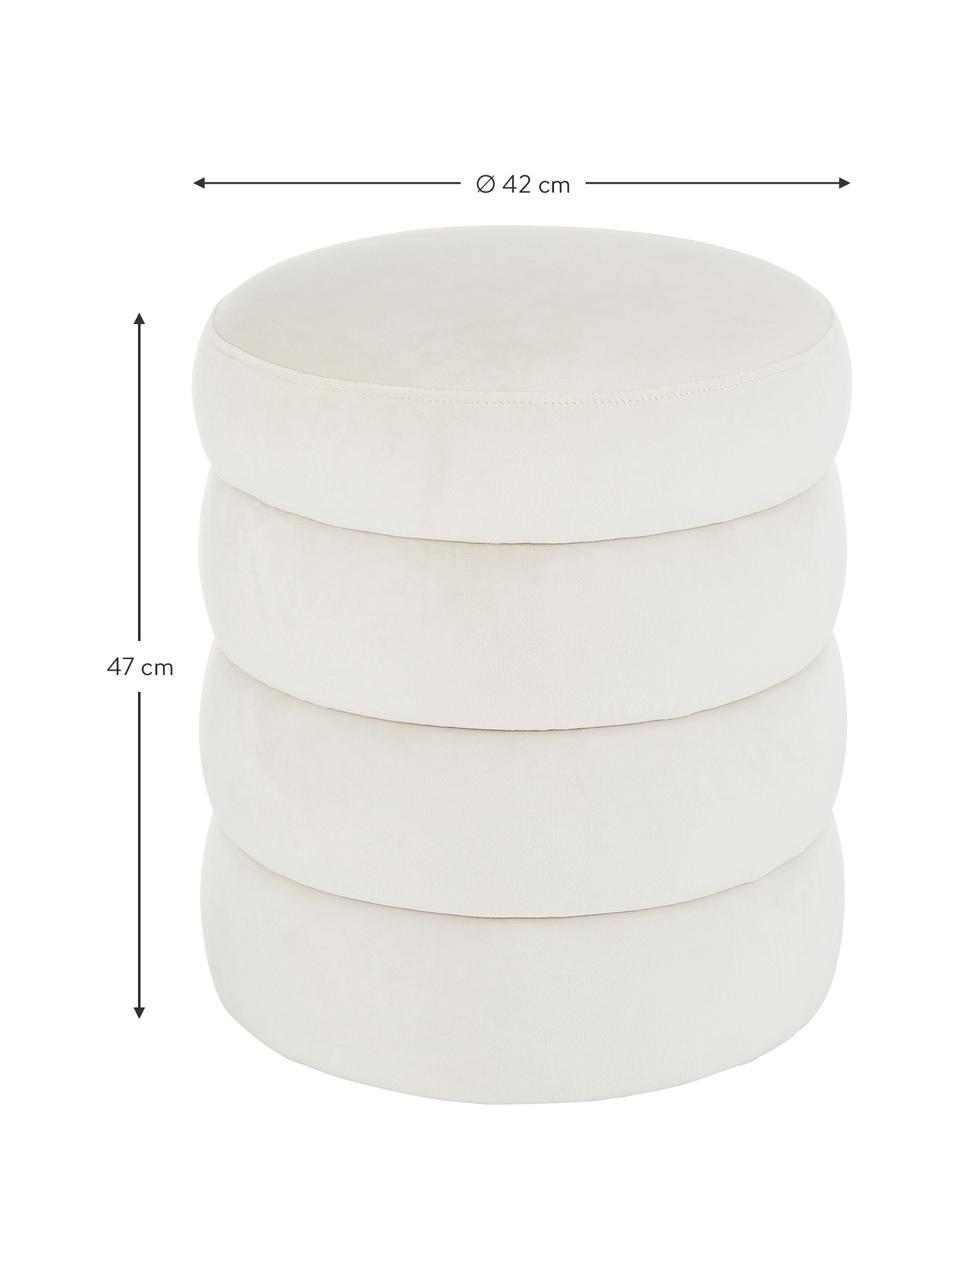 Puf z aksamitu Alto, Tapicerka: aksamit (100% poliester) , Stelaż: lite drewno sosnowe, skle, Aksamitny kremowobiały, Ø 42 x W 47 cm